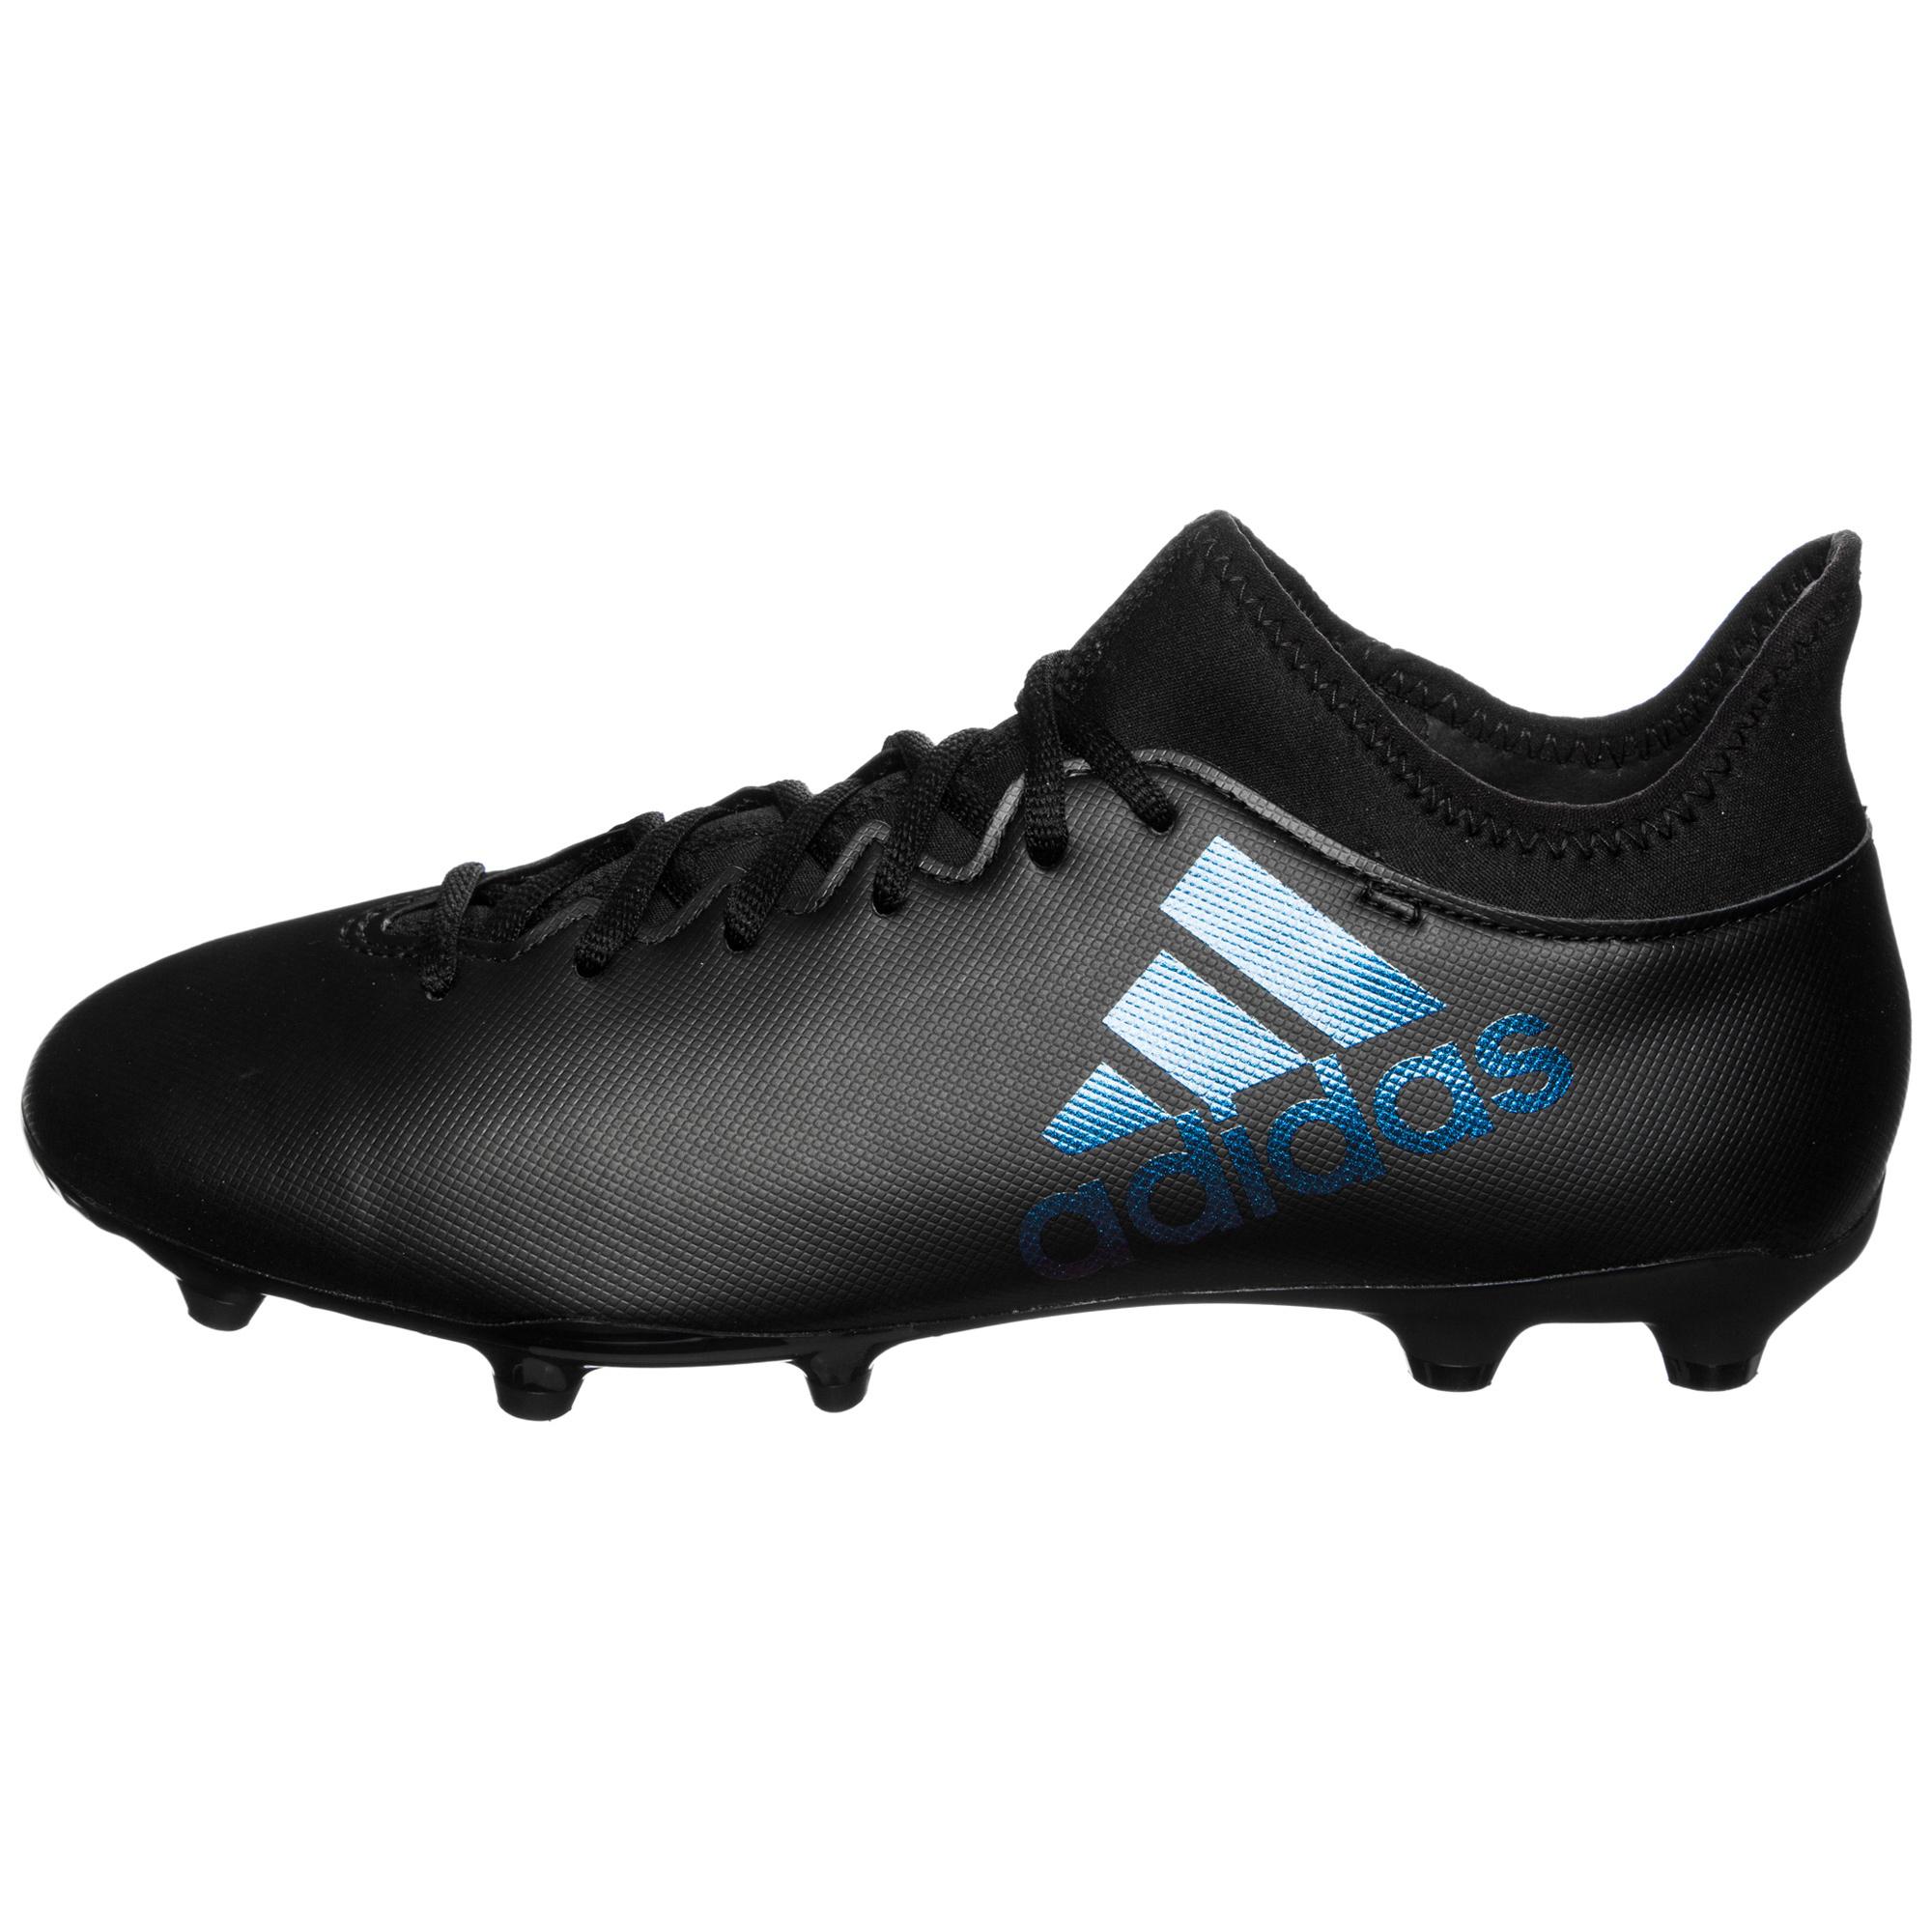 adidas X 17.3 FG Fußballschuh schwarz für 43,16€